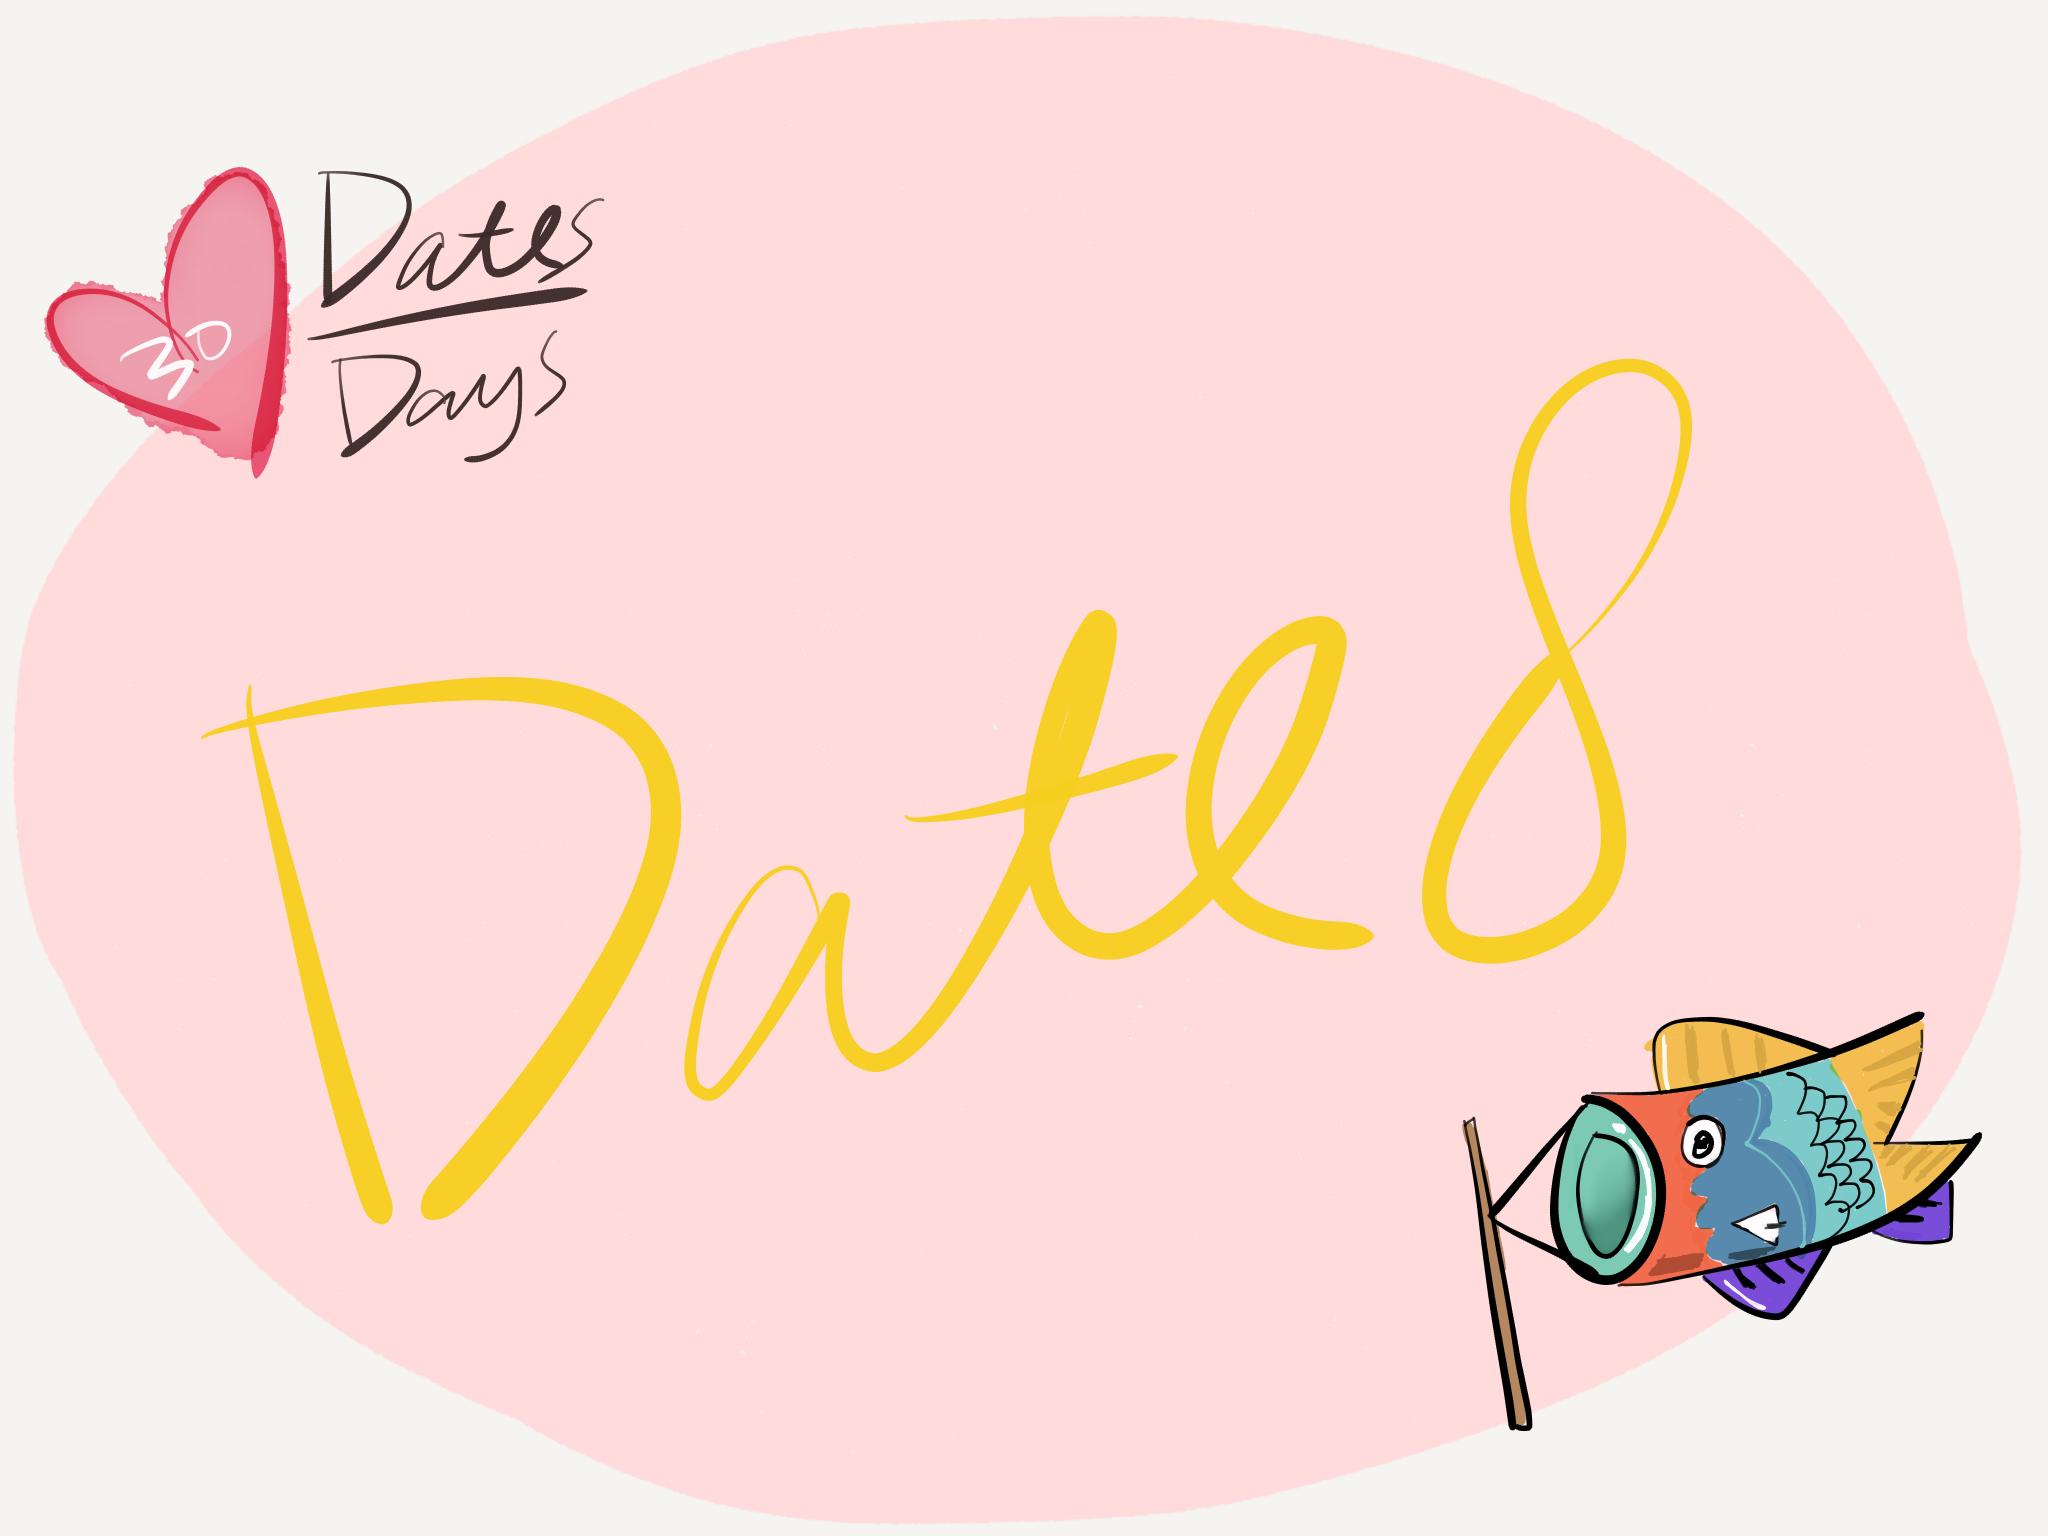 30 Dates - 10